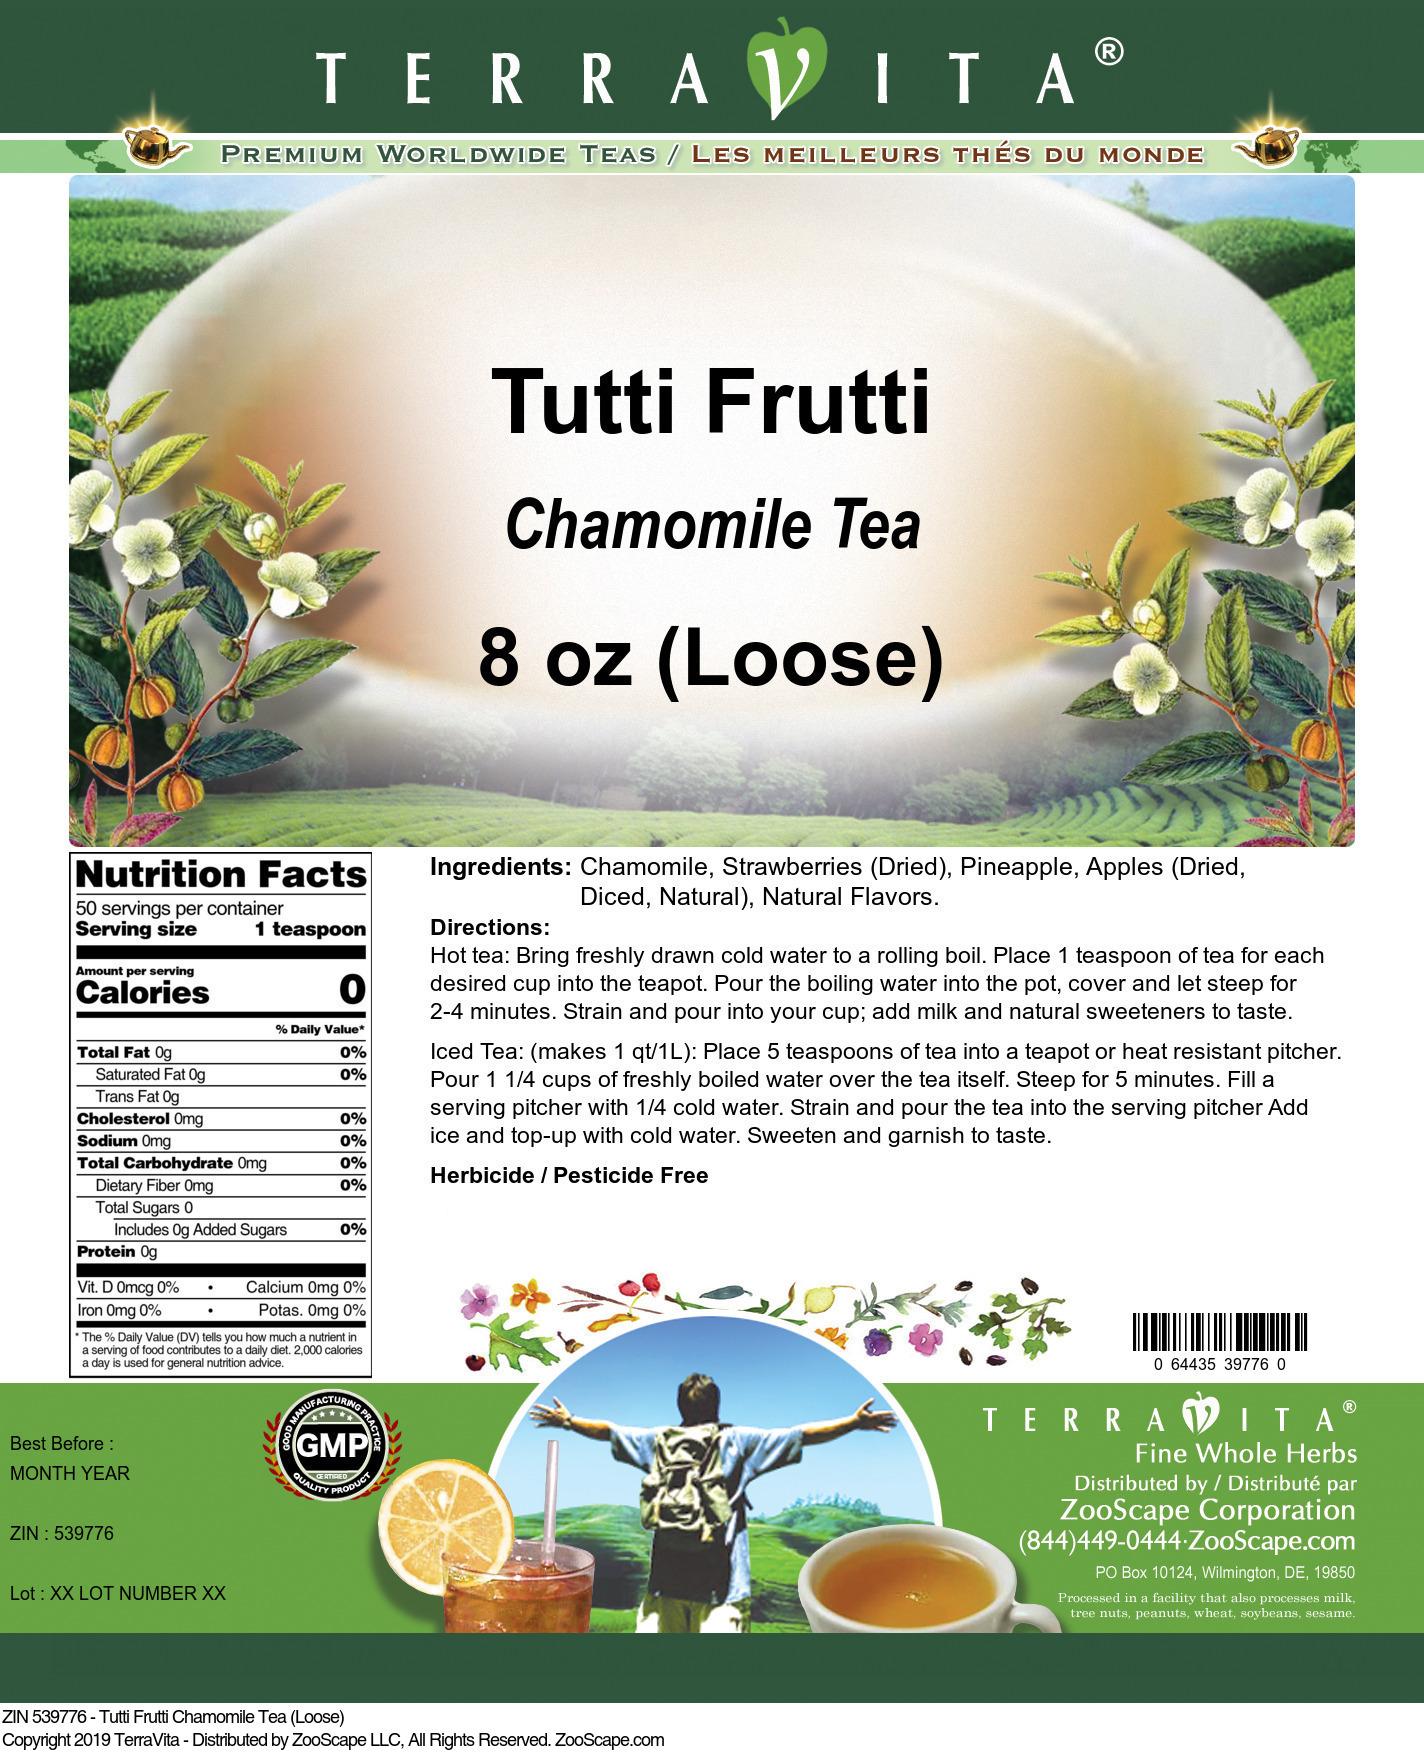 Tutti Frutti Chamomile Tea (Loose)